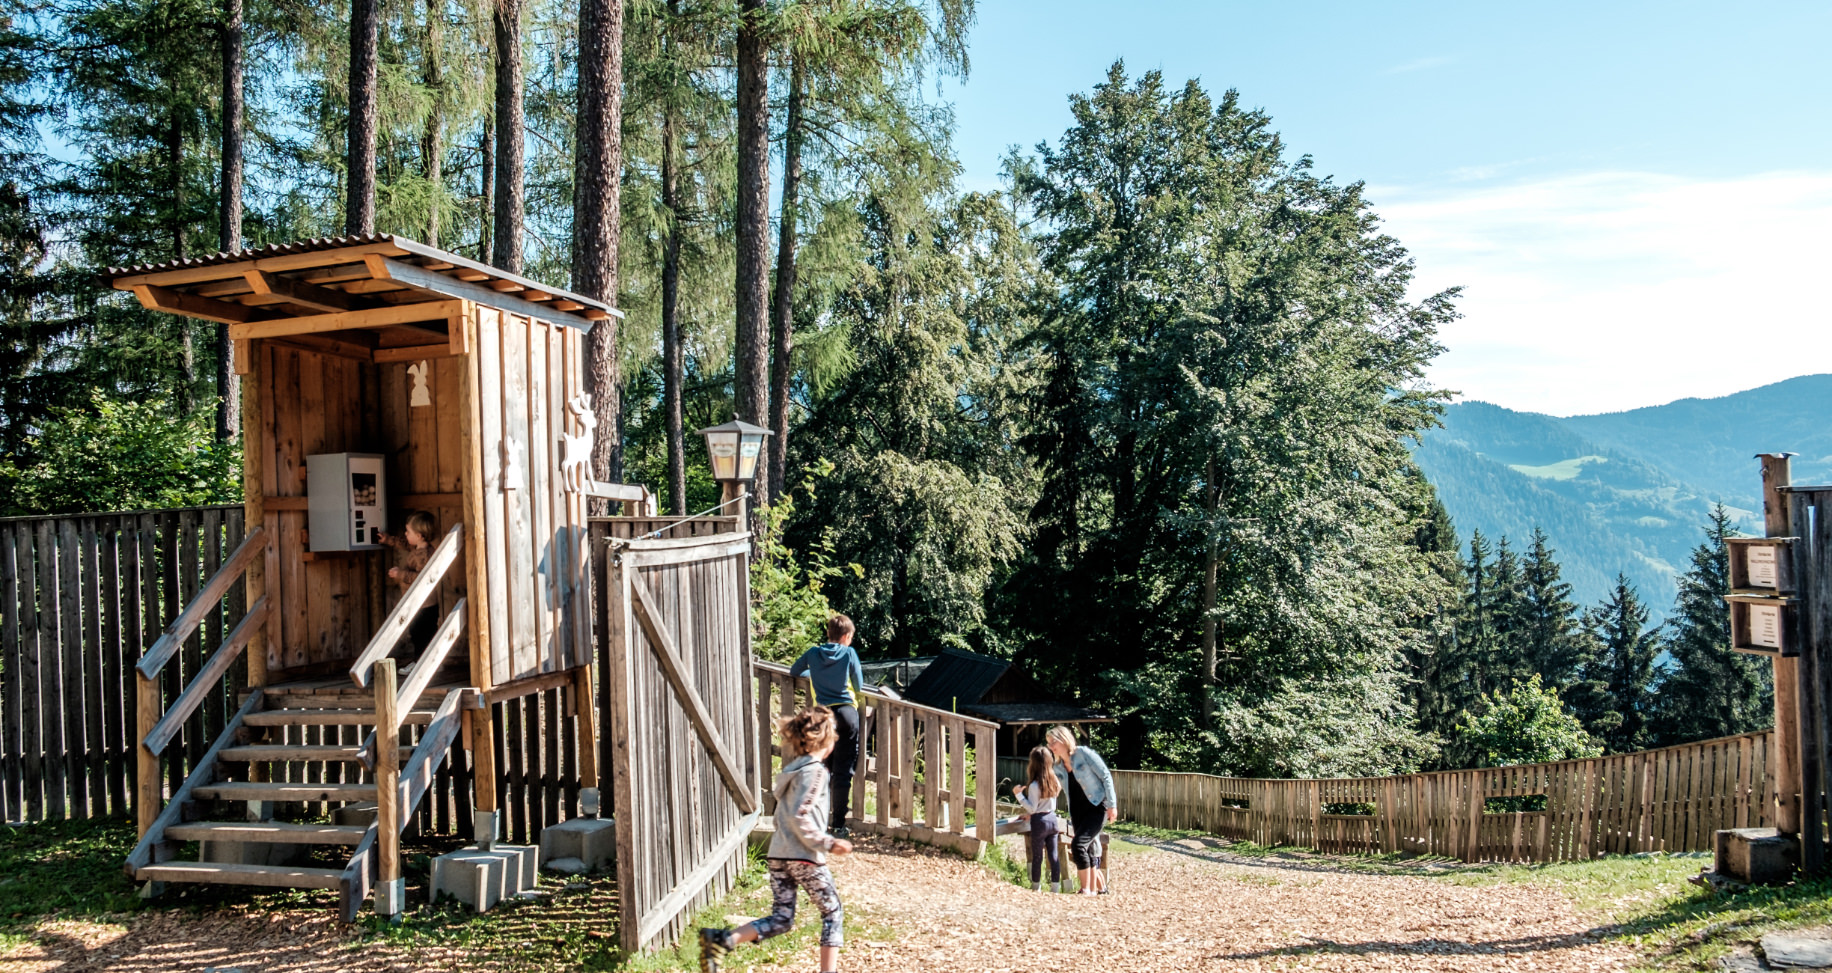 Oekopark Hochreiter